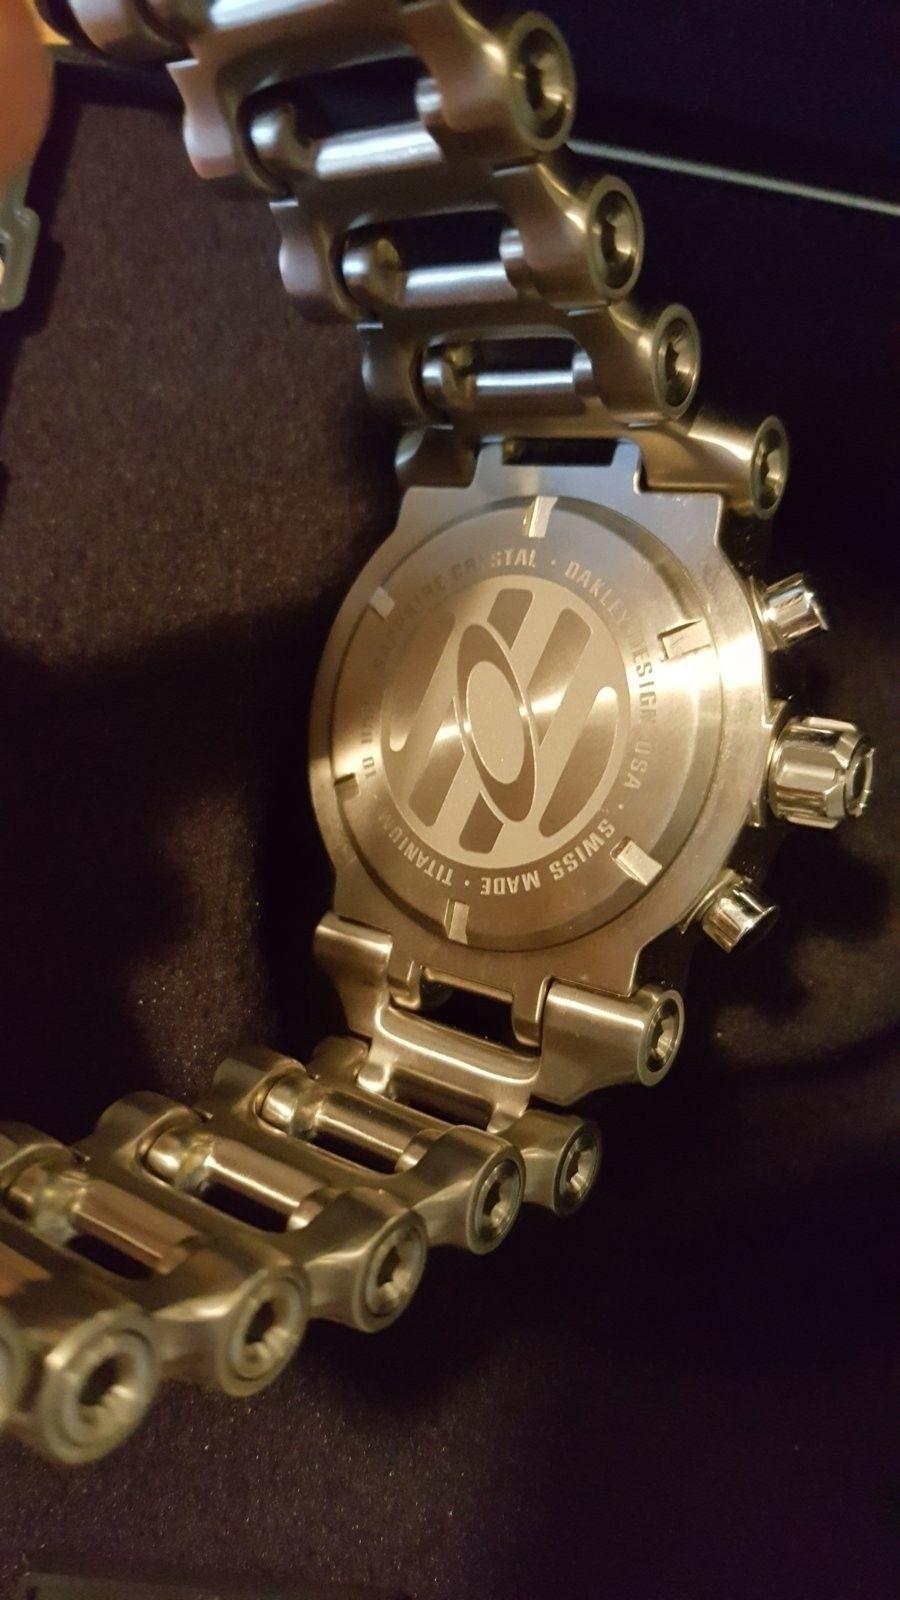 Oakley Men's 10-047 Hollow Point Orange Dial Watch $975 --> $950 - 20160504_181139.jpg